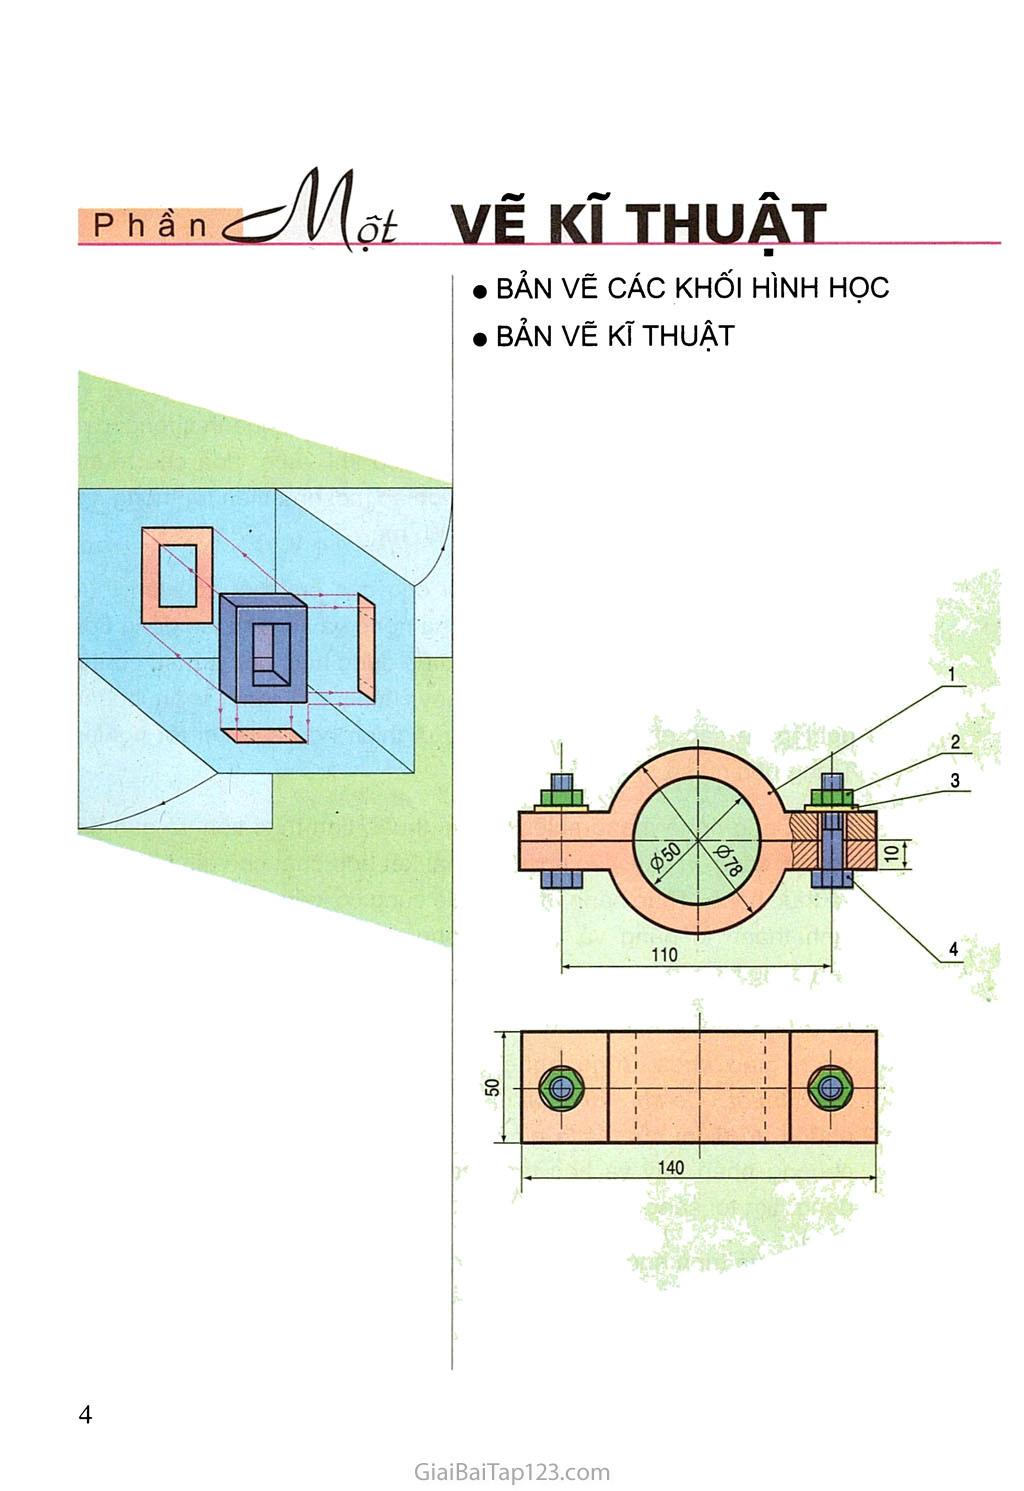 Bài 1. Vai trò của bản vẽ kĩ thuật trong sản xuất và đời sống trang 1